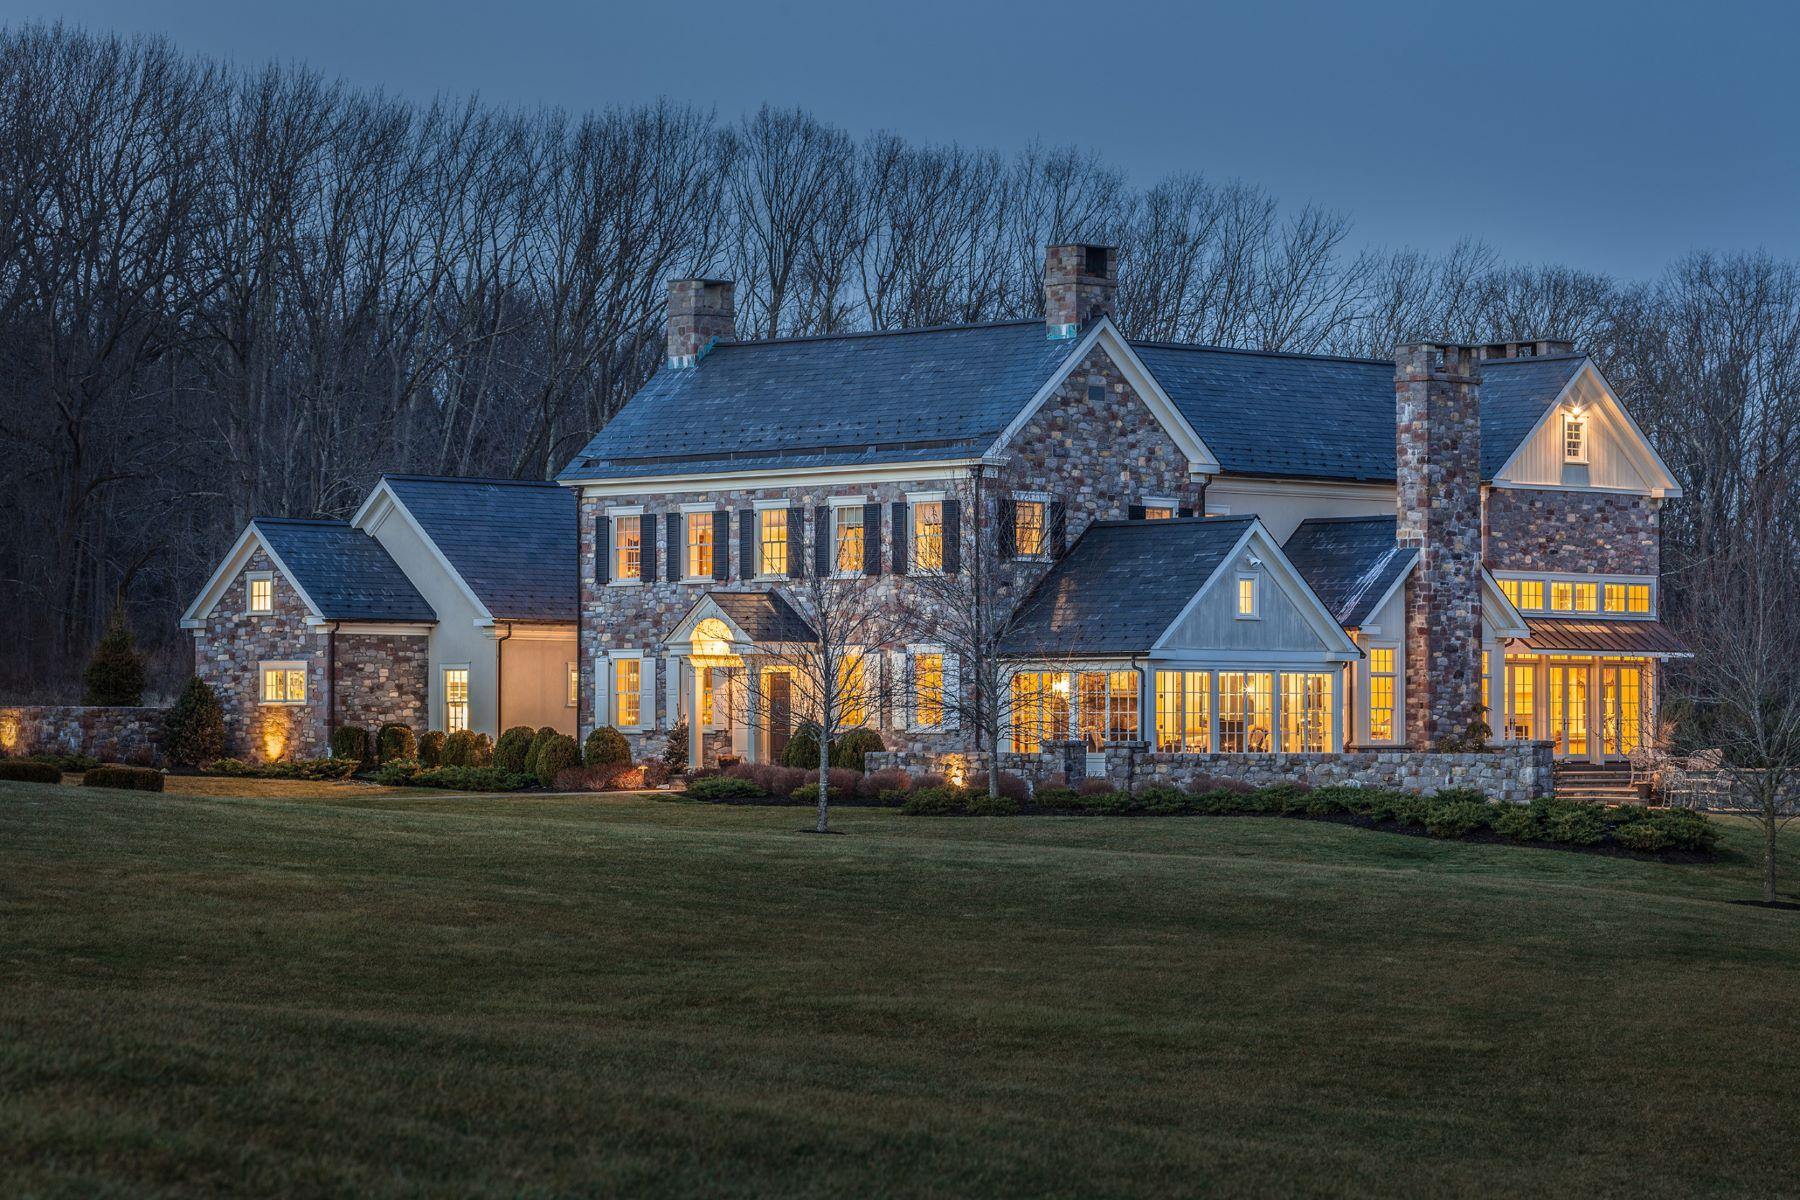 Частный односемейный дом для того Продажа на 5811 Ridgeview Dr Doylestown, Пенсильвания 18902 Соединенные Штаты